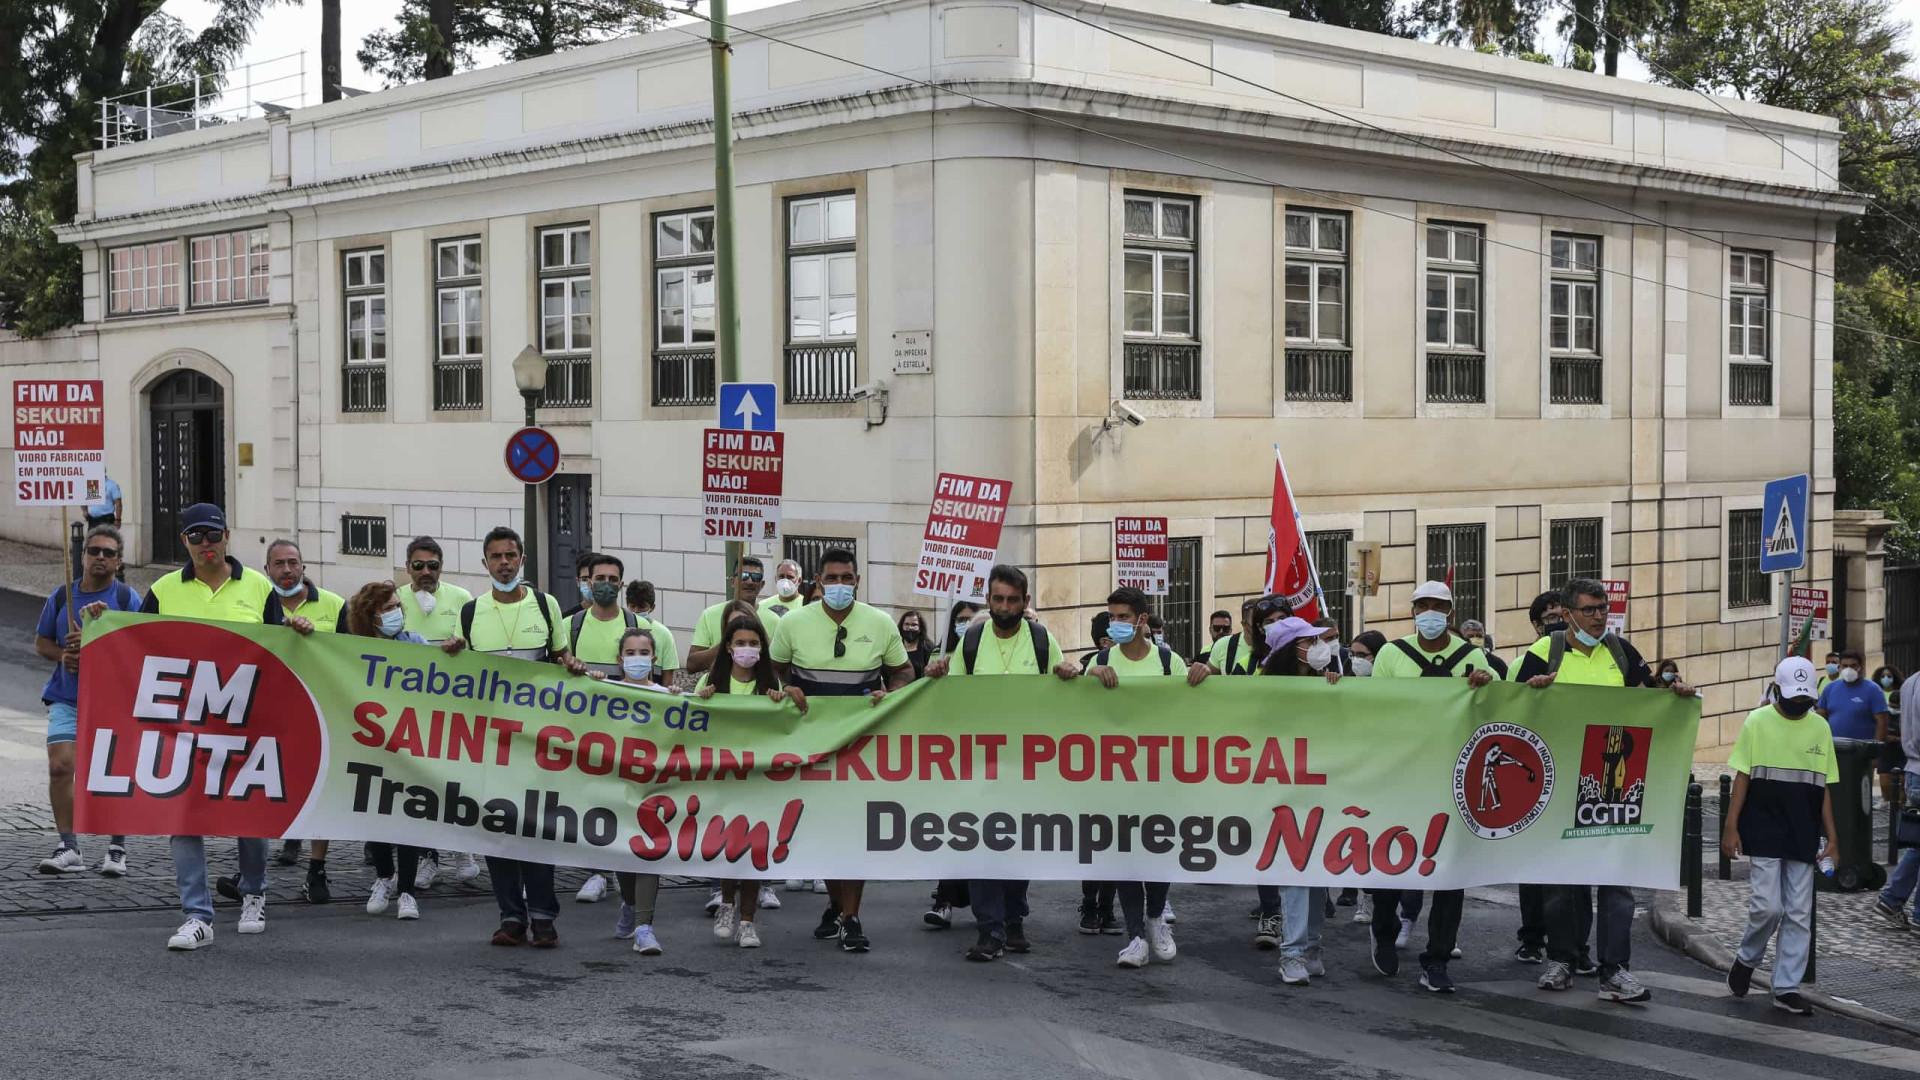 Trabalhadores da Saint-Gobain criticam Governo e prometem mais luta